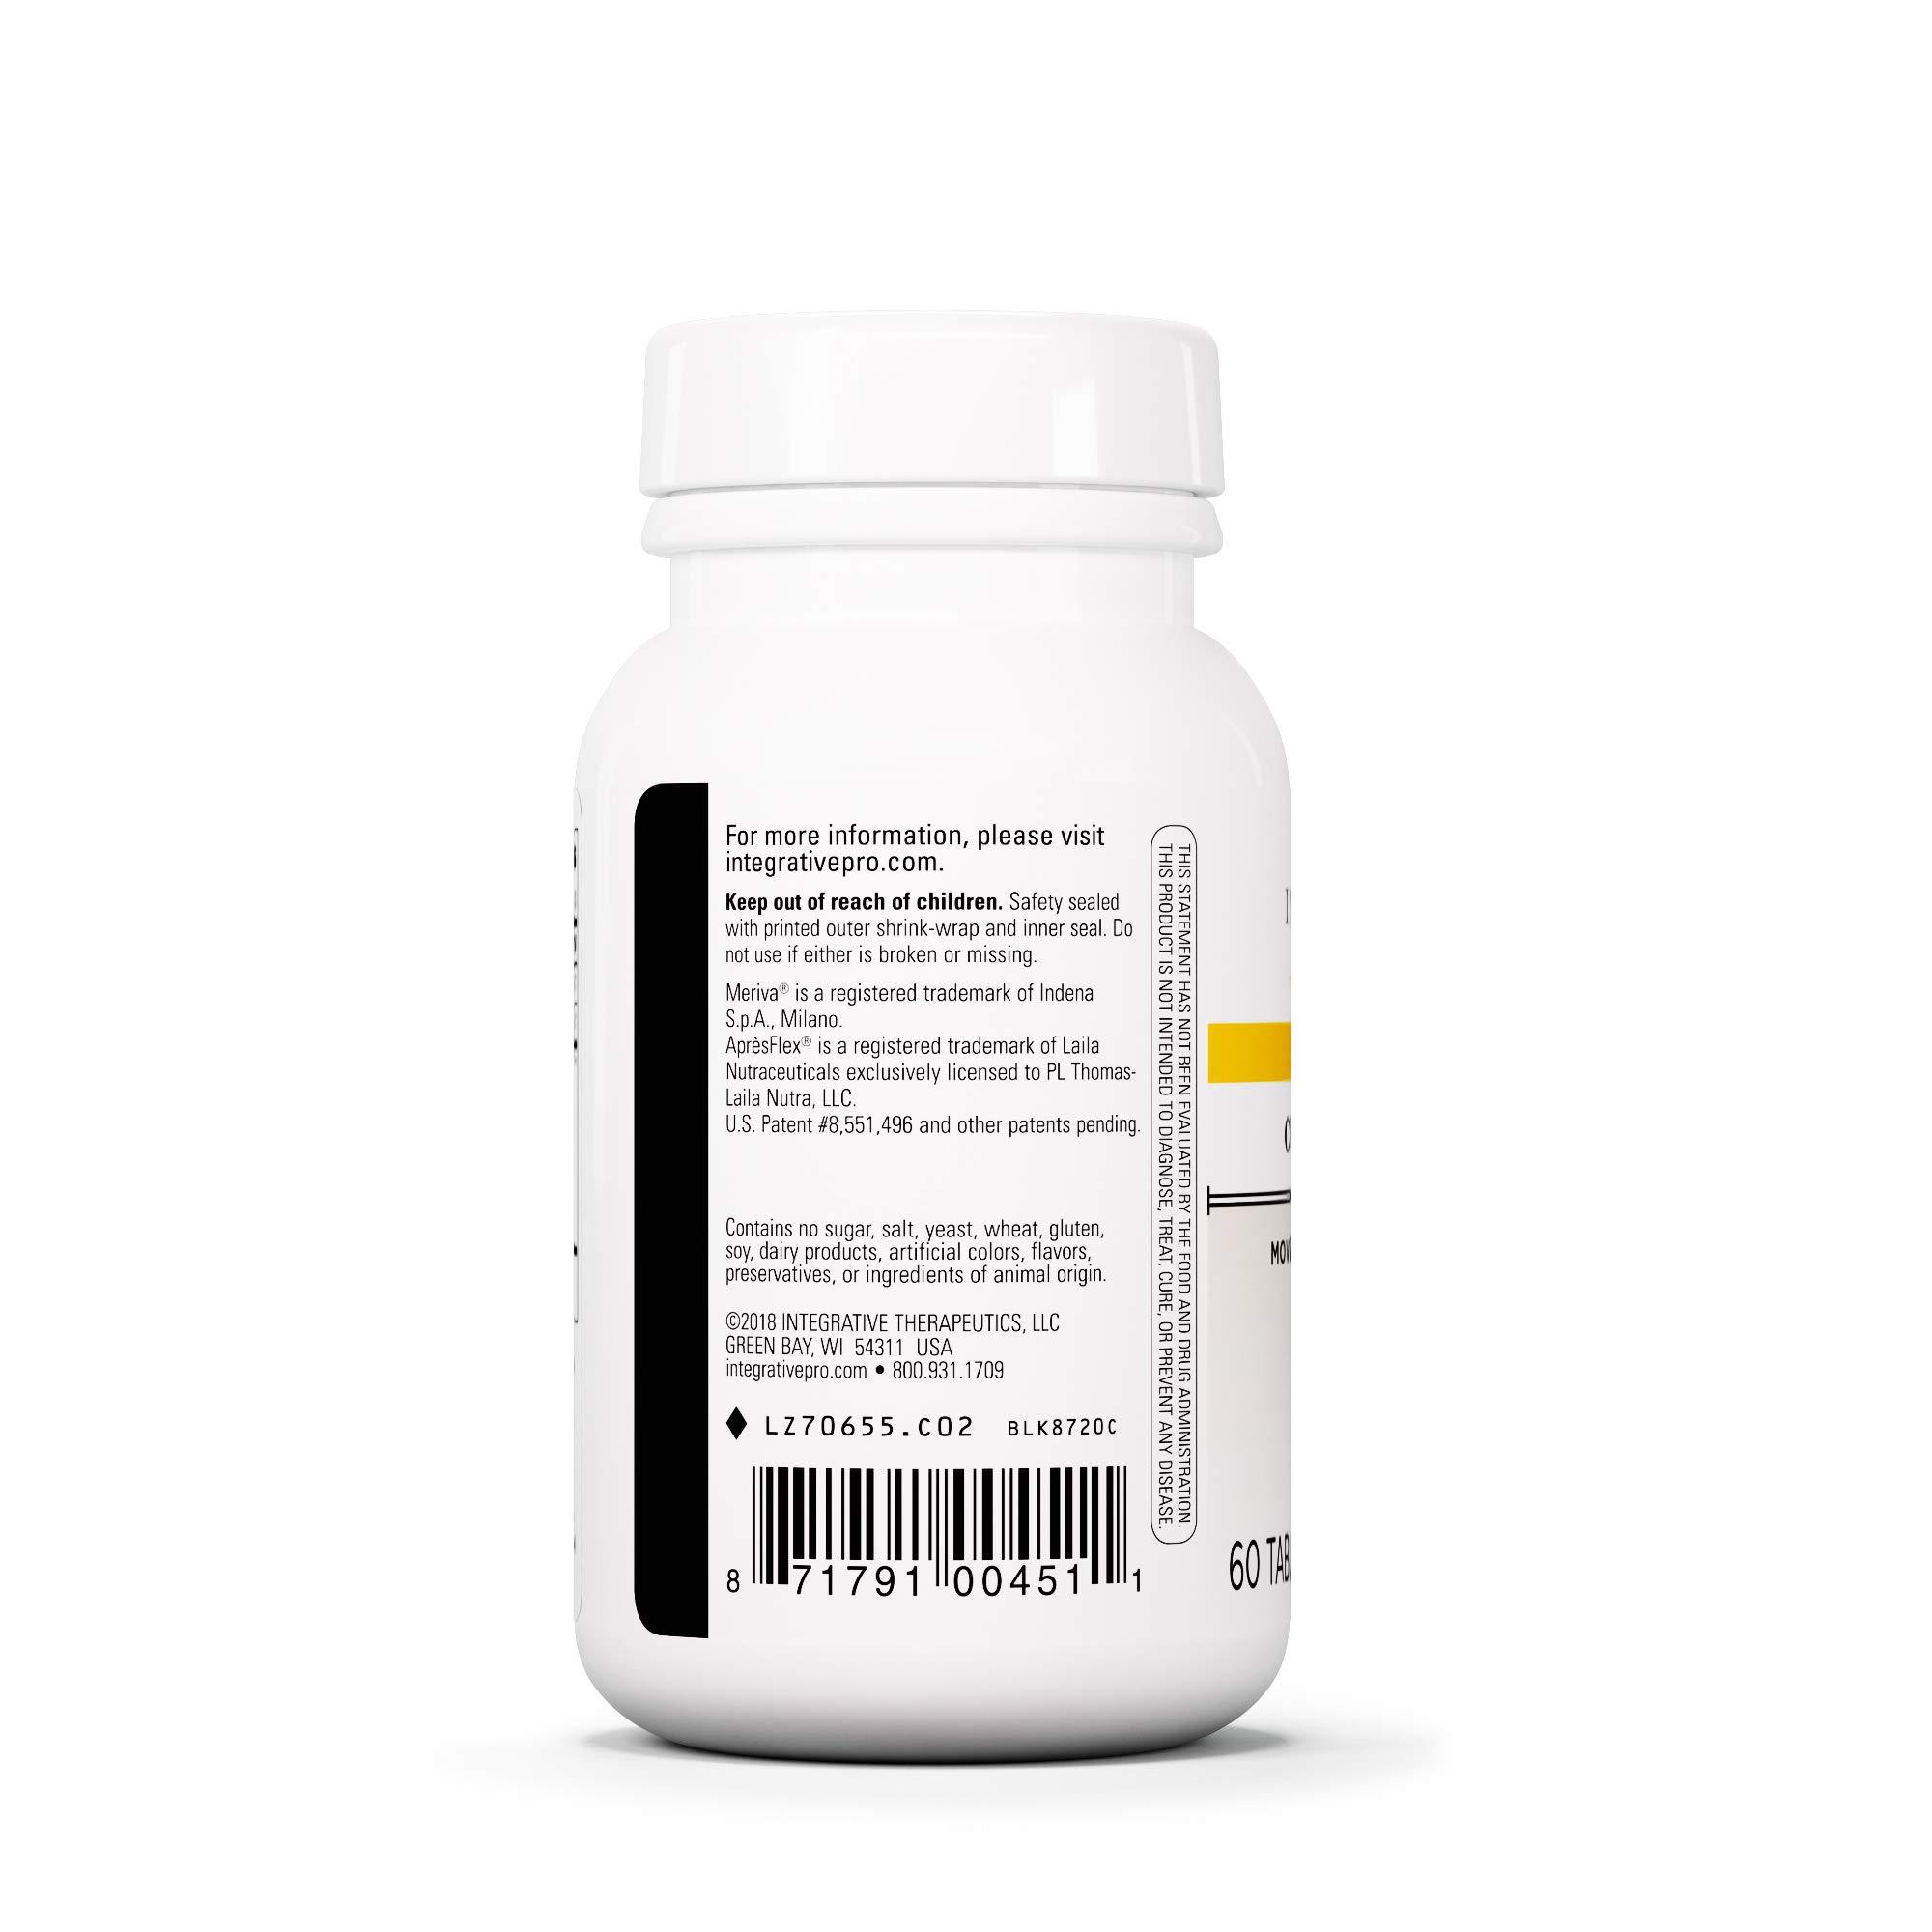 Integrative Therapeutics - Curcumax Pro - Movement Support Formula - 60 Tablets by Integrative Therapeutics (Image #3)